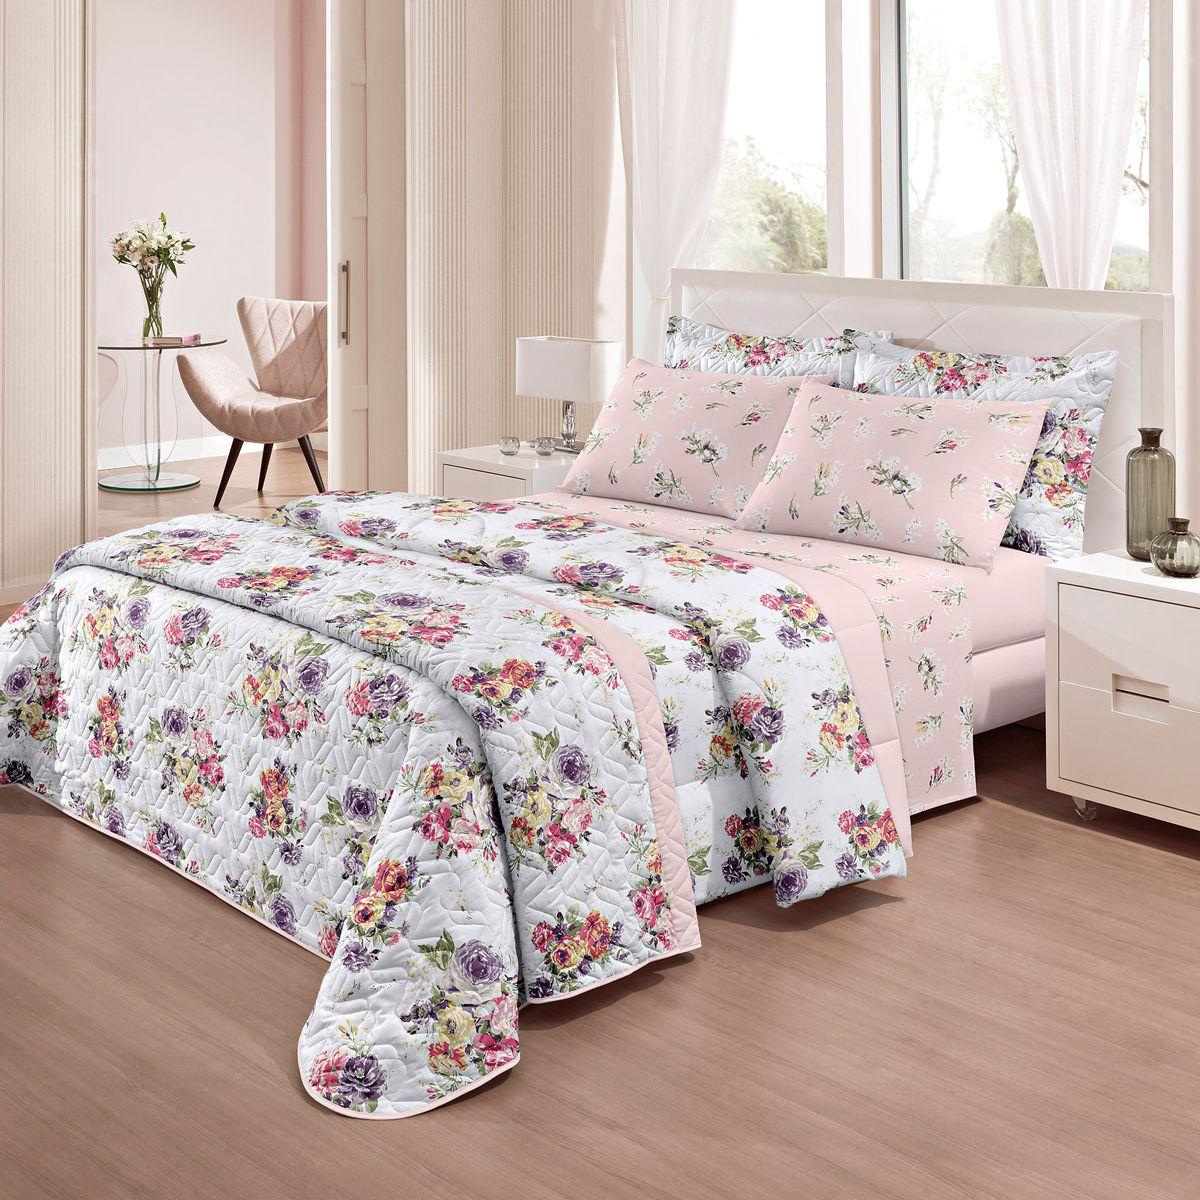 605ddf4975 Jogo de cama casal e solteiro - Santista